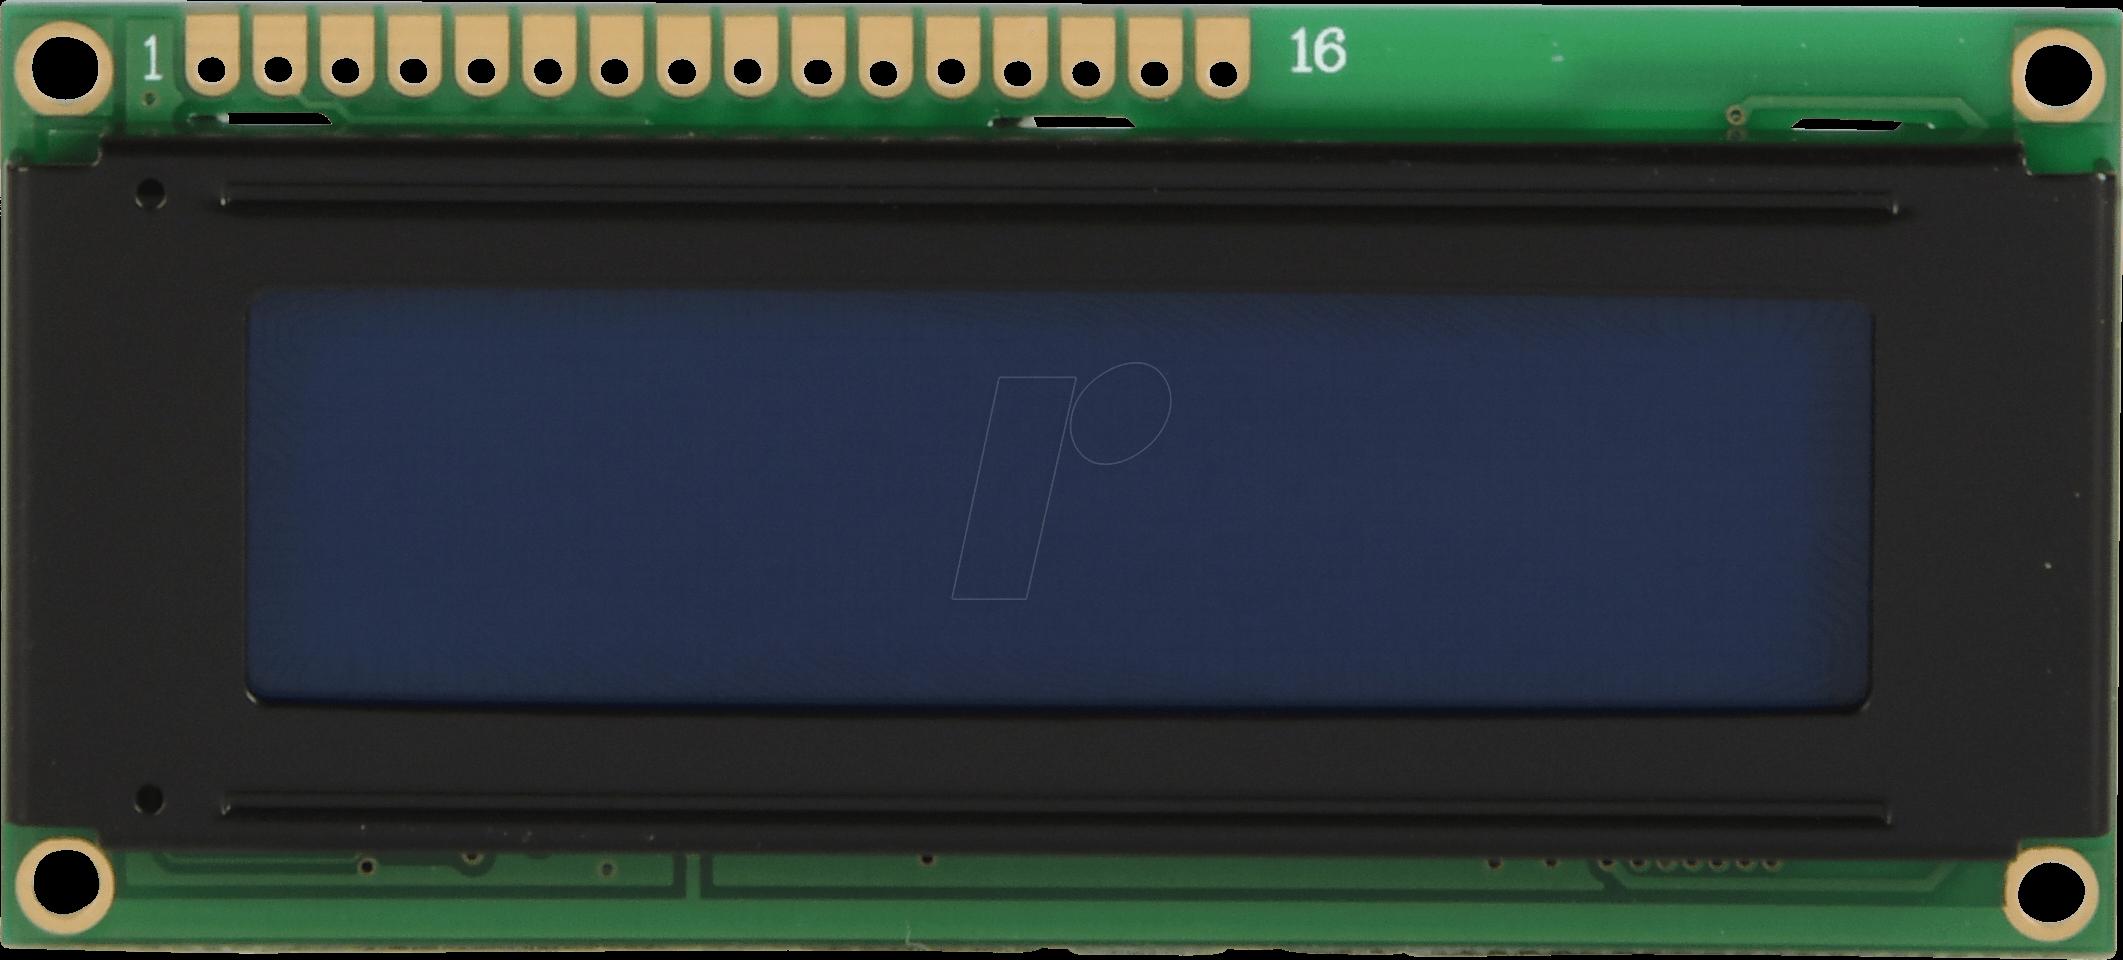 https://cdn-reichelt.de/bilder/web/xxl_ws/A500/LCD-PM_2X16-10_D.png